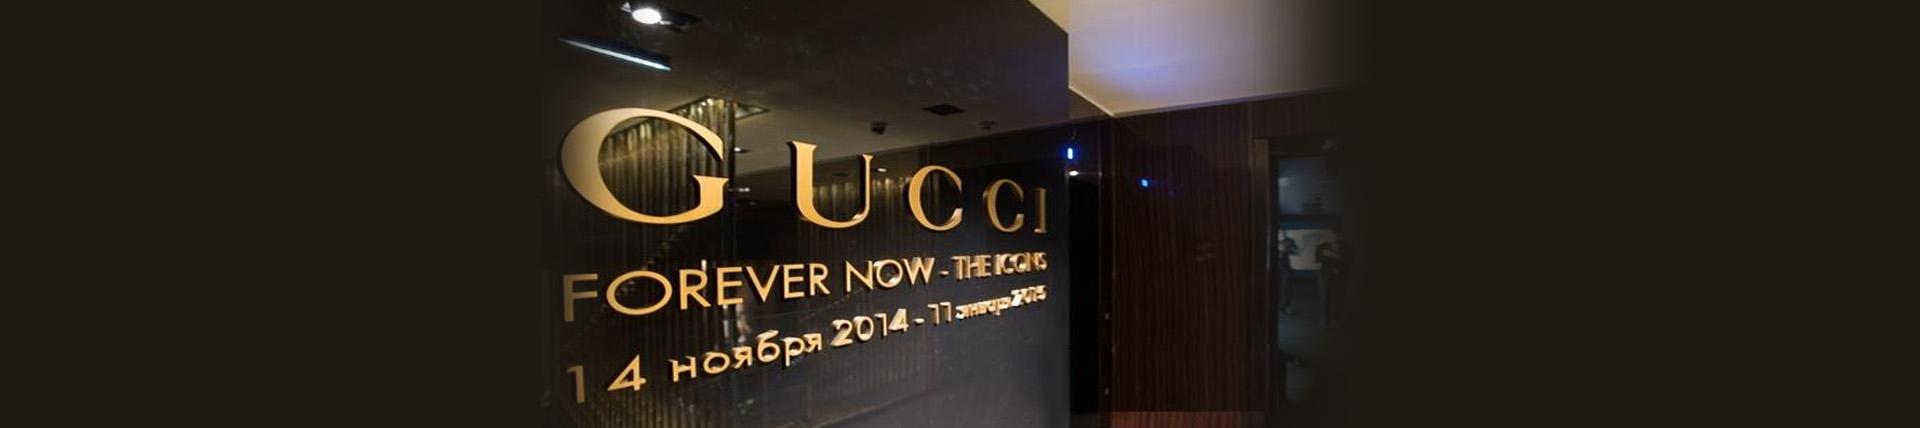 超550個域名、超300枚商標,百年品牌Gucci究竟多重視知識產權!